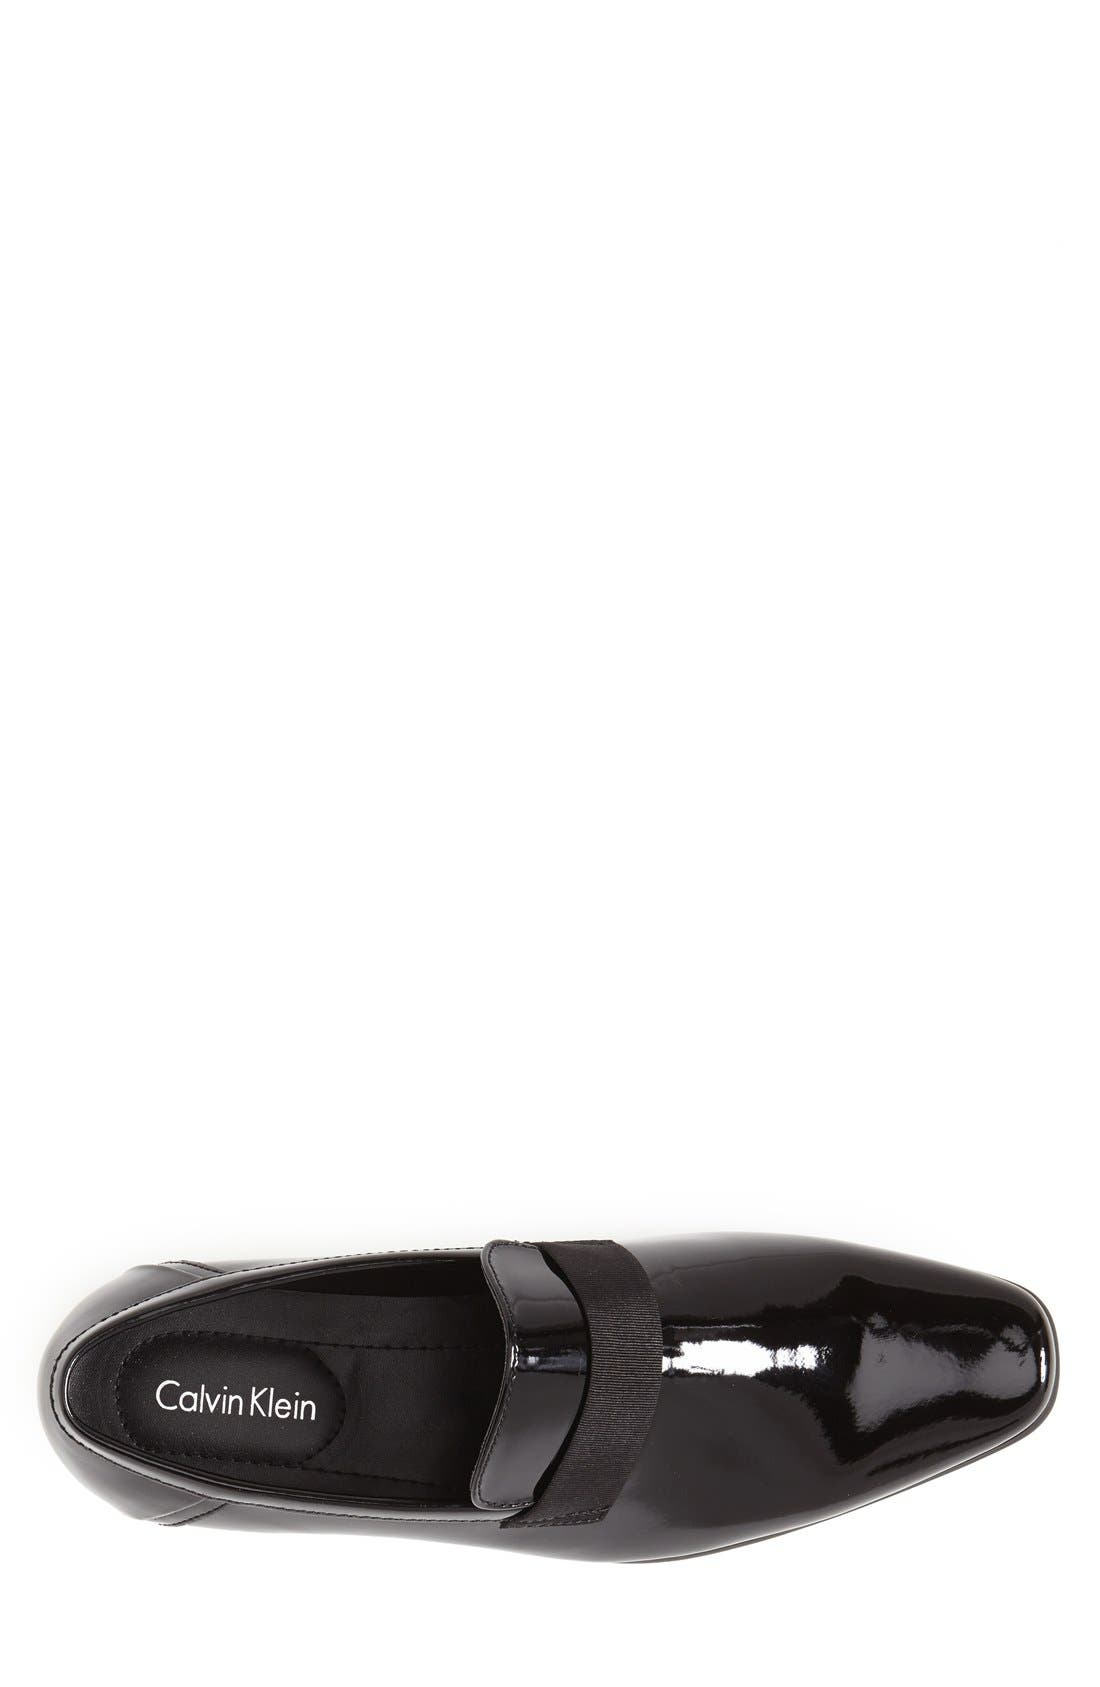 CALVIN KLEIN,                             'Bernard' Venetian Loafer,                             Alternate thumbnail 3, color,                             BLACK